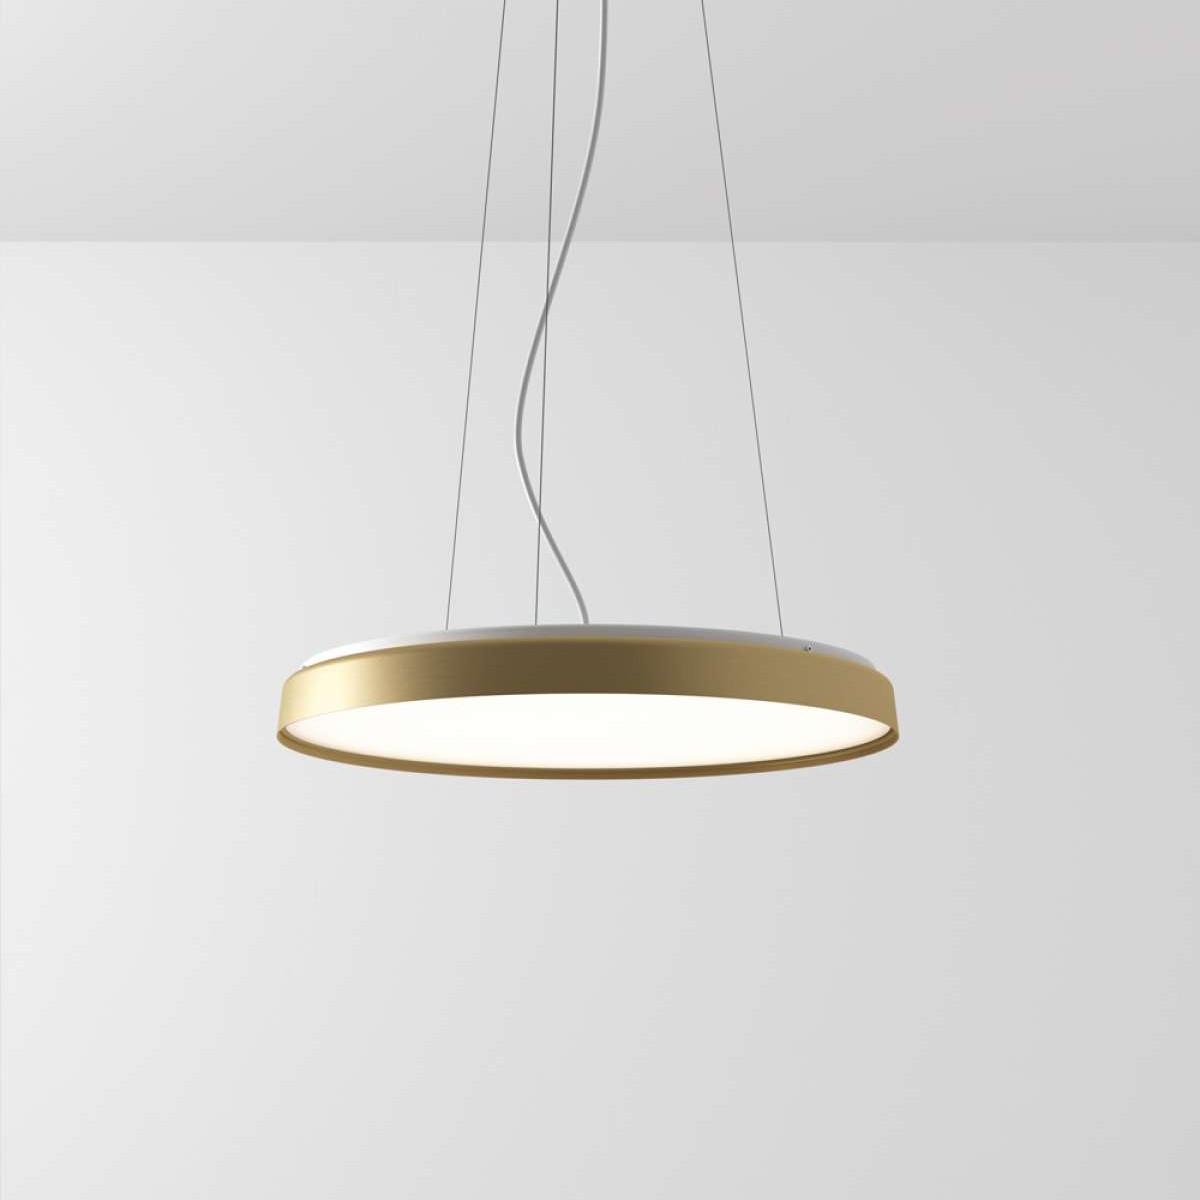 Compendium Plate Suspension Lamp